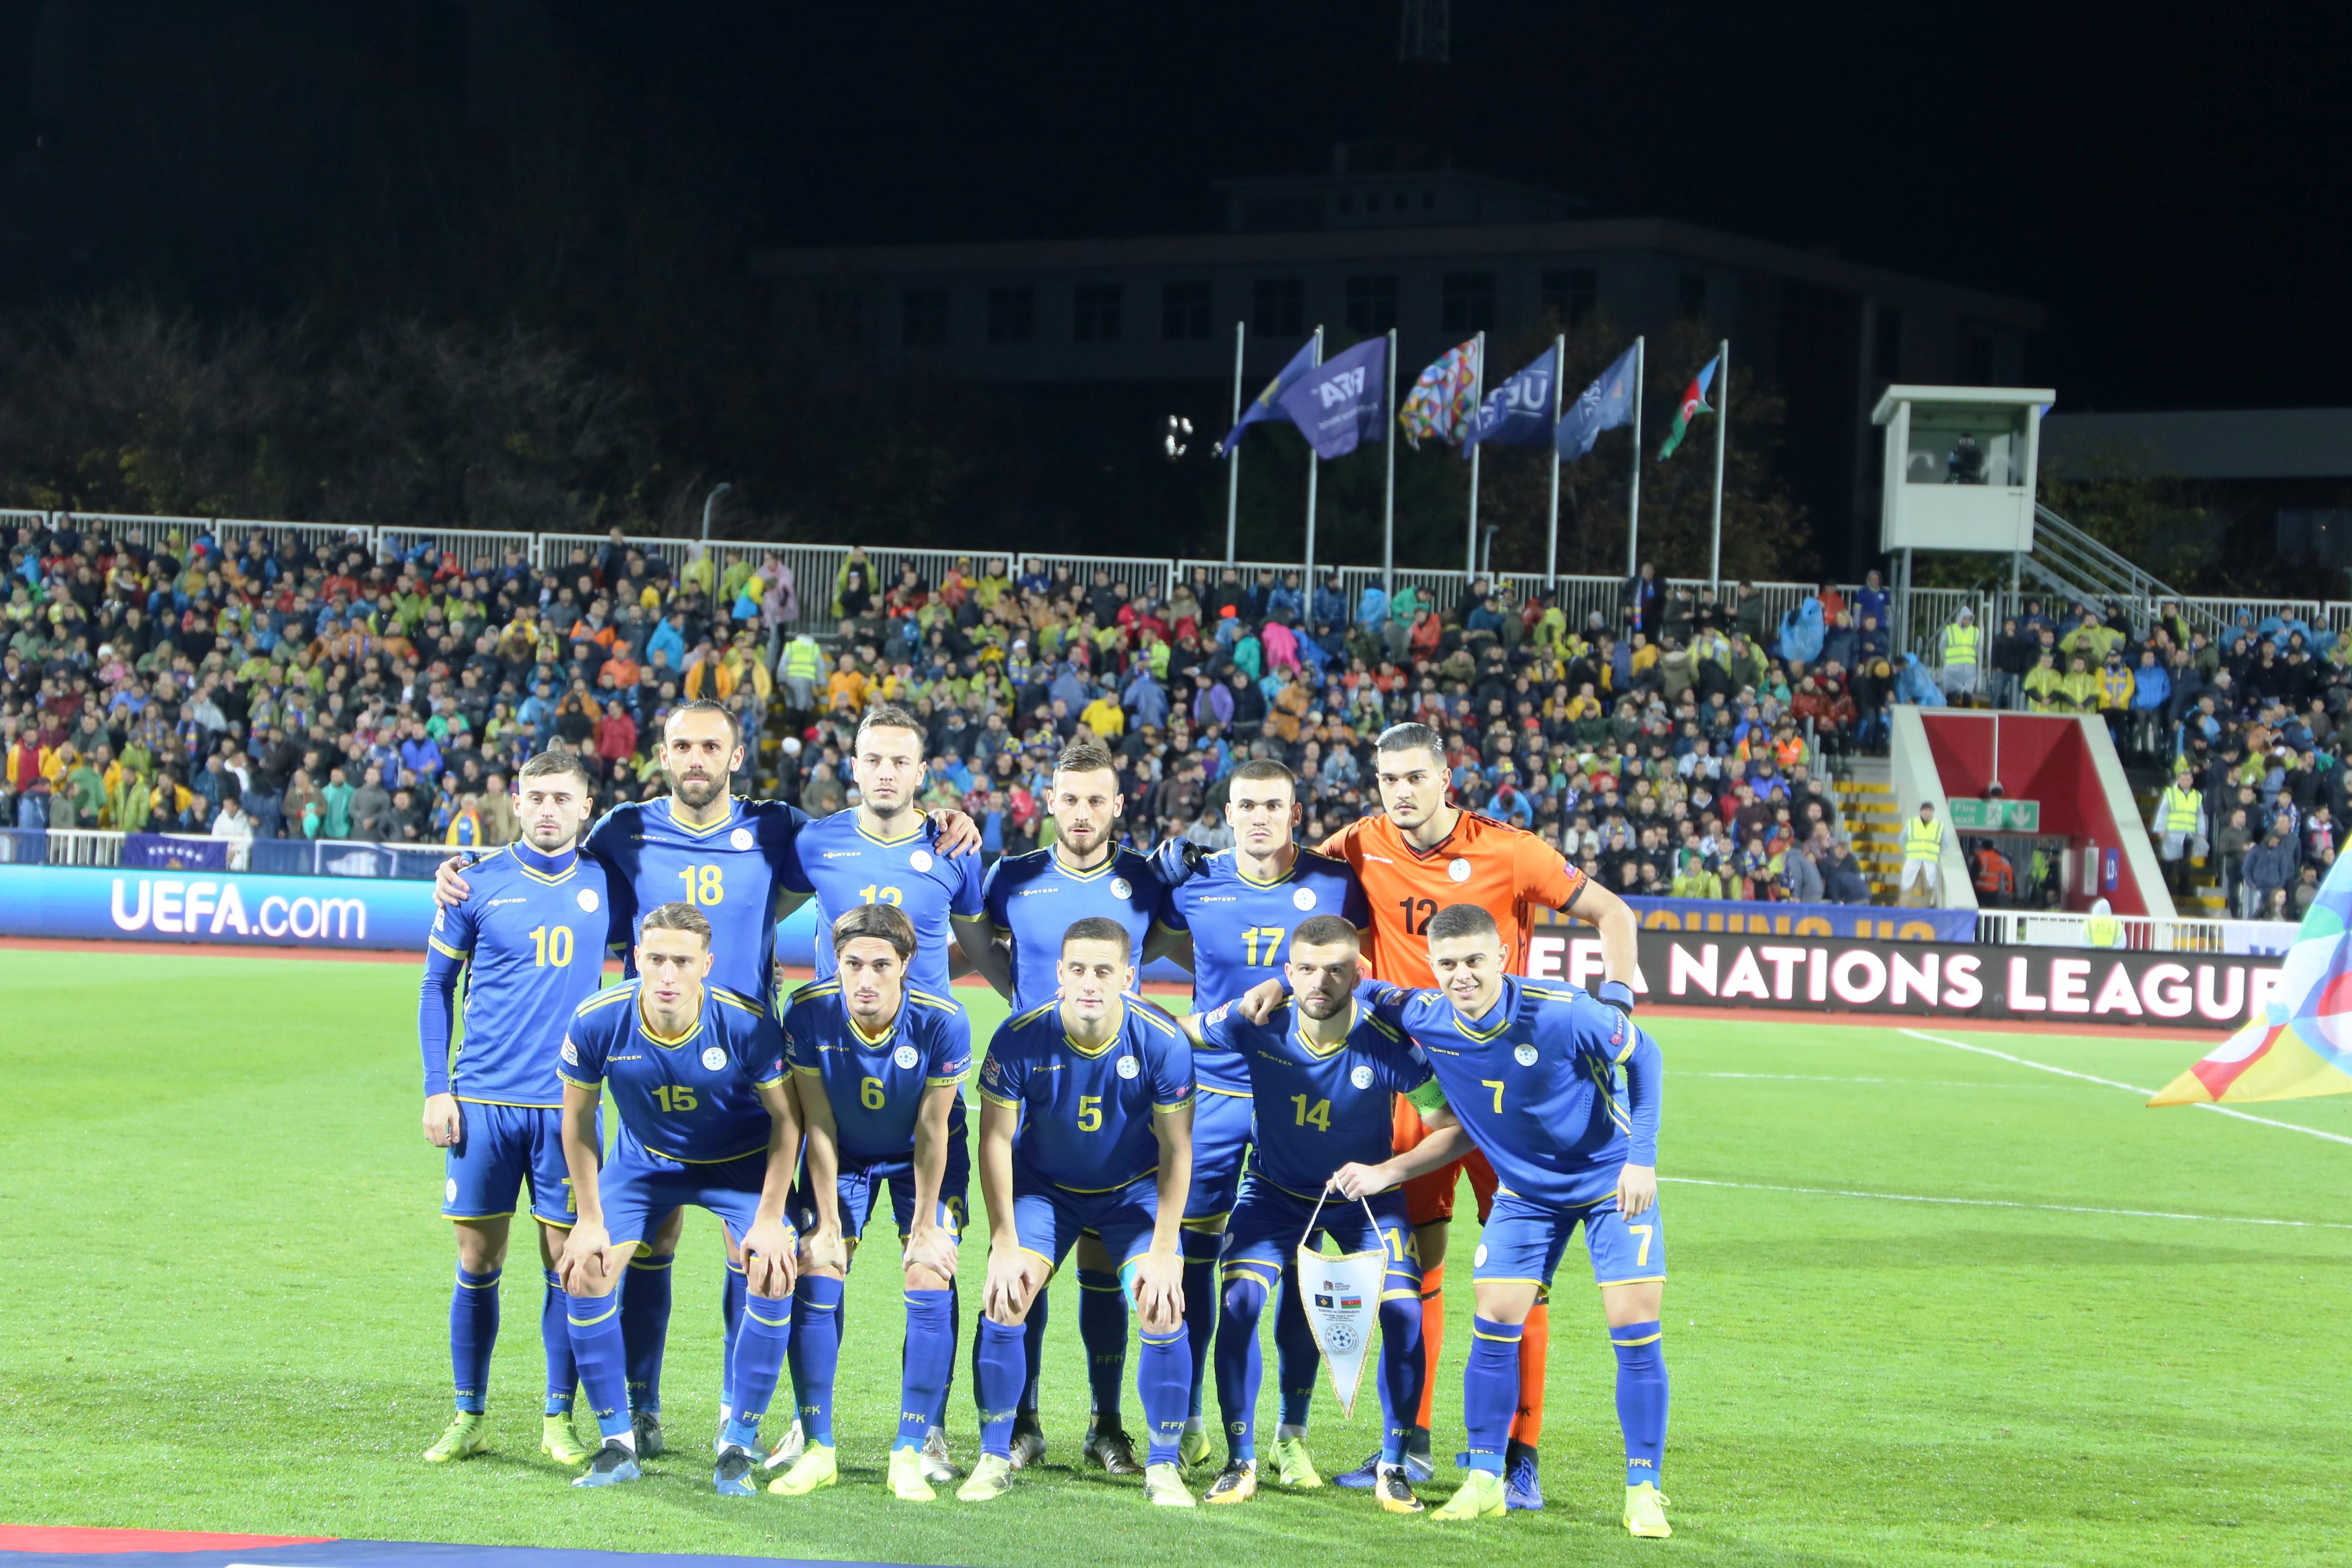 Ffk Kosovo